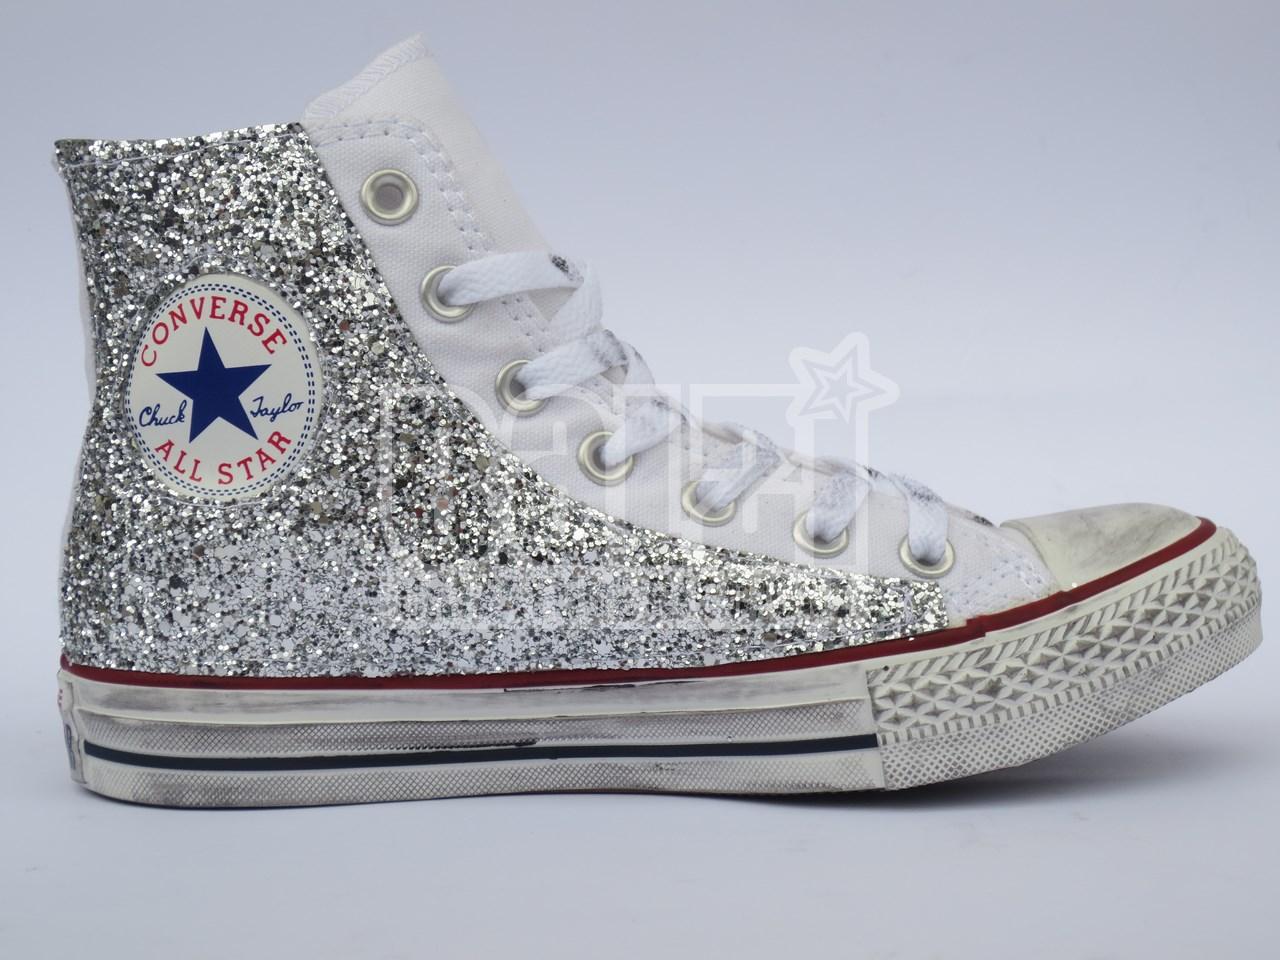 Converse All Star Glitter Argento Personalizzate Bianco Optical White